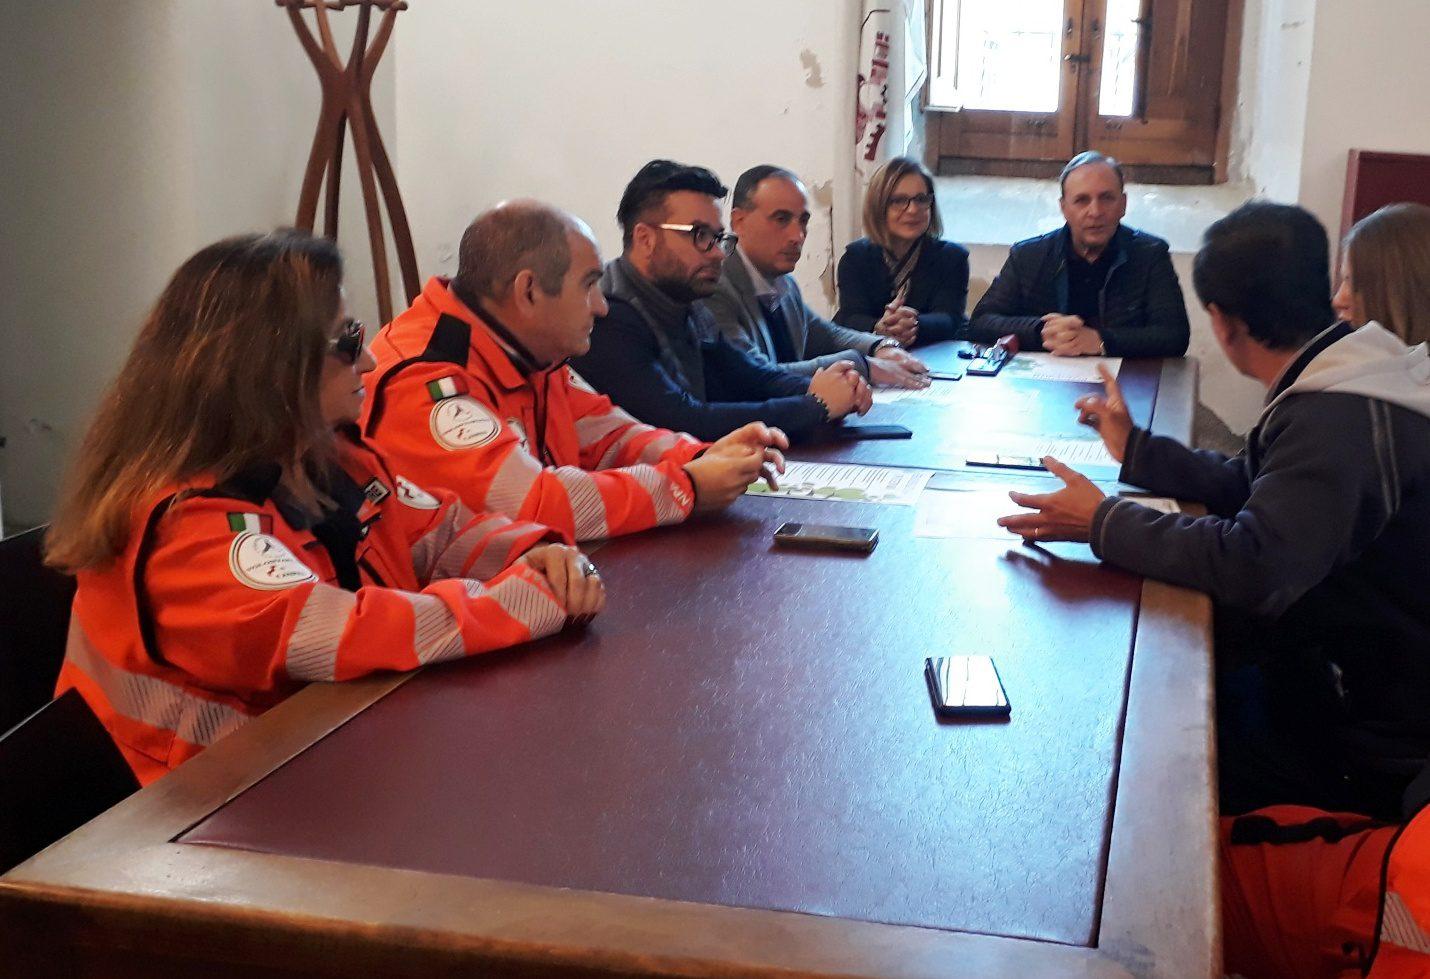 Paternò, associazioni e Comune ridanno decoro alla città: coinvolti studenti e cittadini